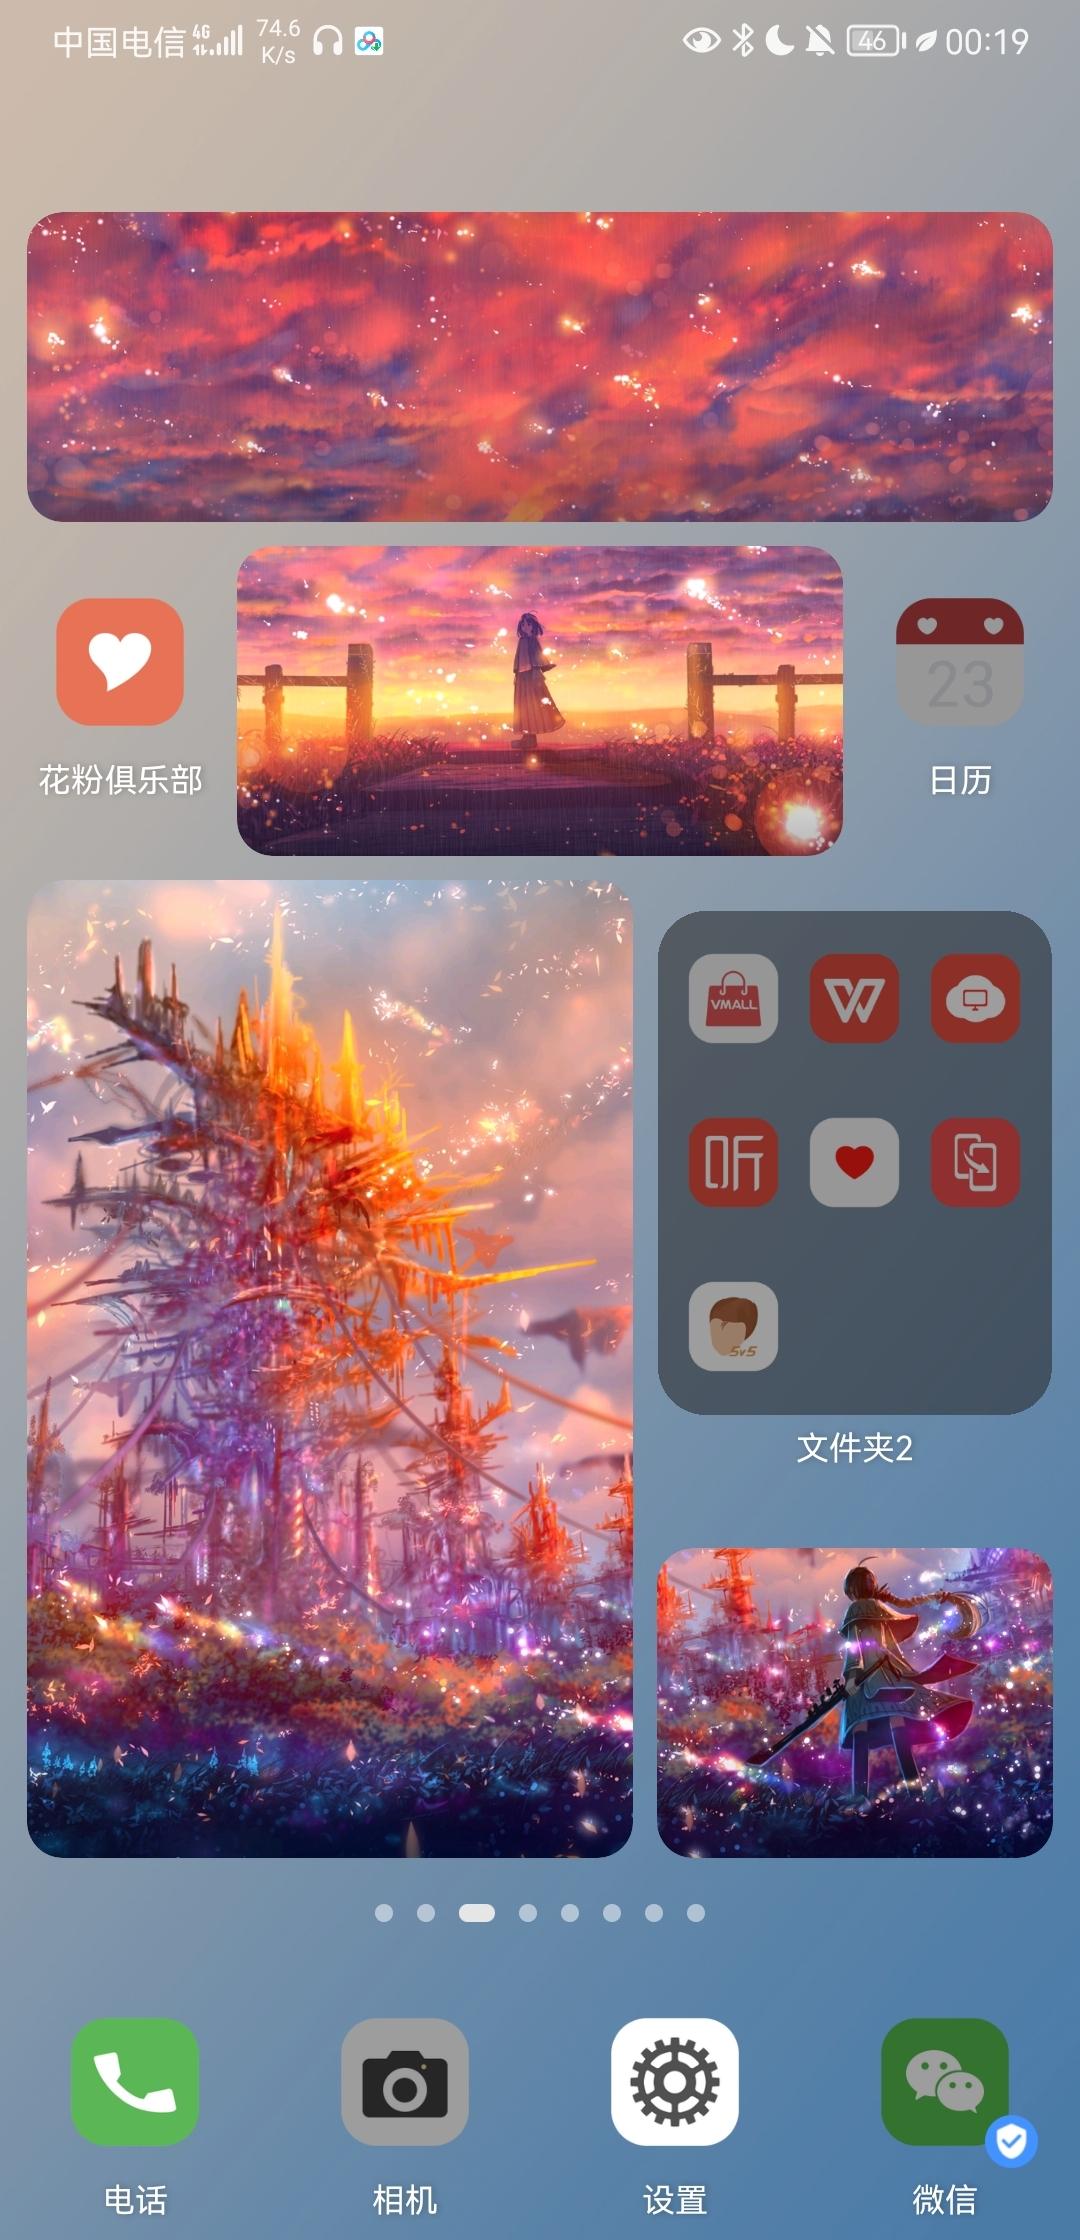 Screenshot_20210923_001952_com.huawei.android.launcher.jpg